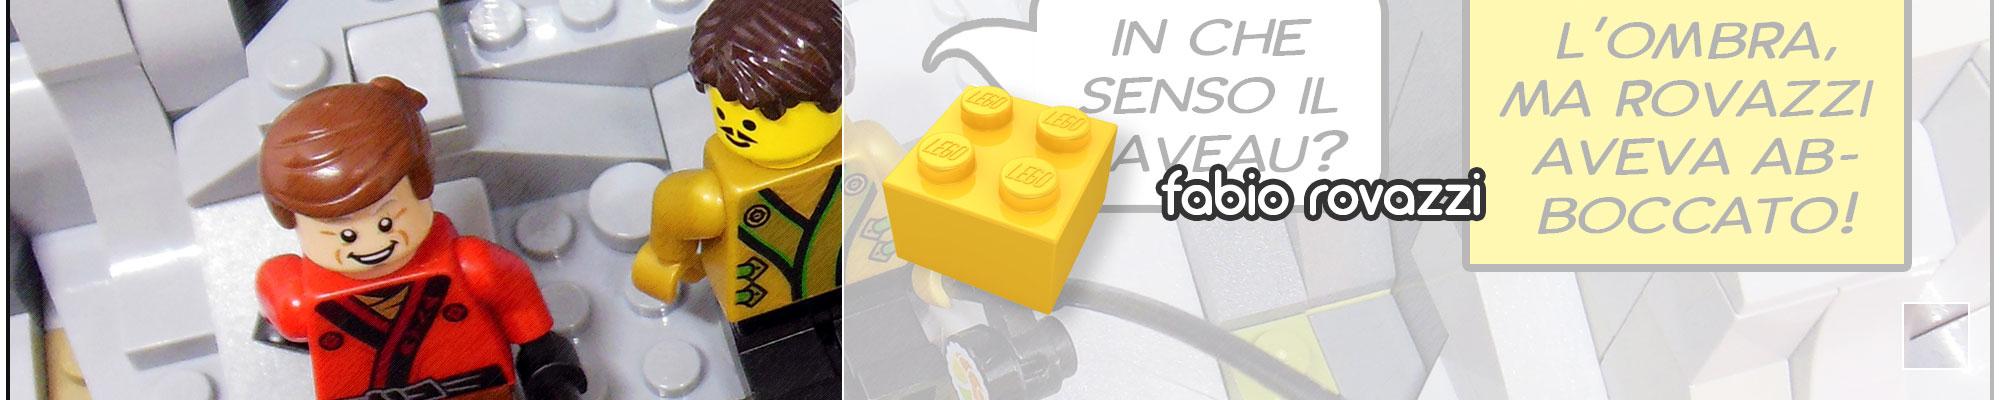 Fabio Rovazzi, faccio quello che voglio Lego prequel